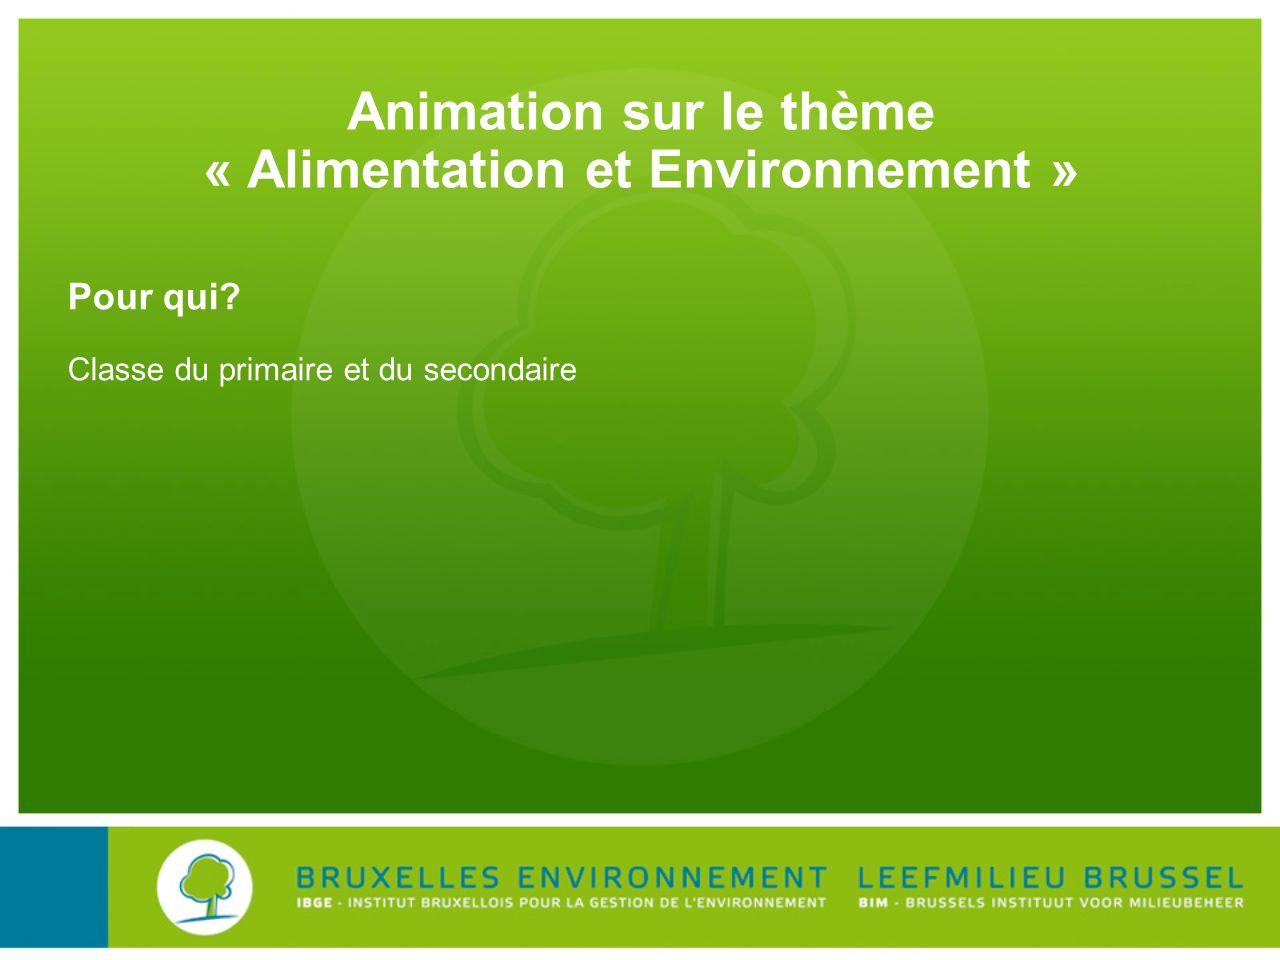 Animation sur le thème « Alimentation et Environnement »